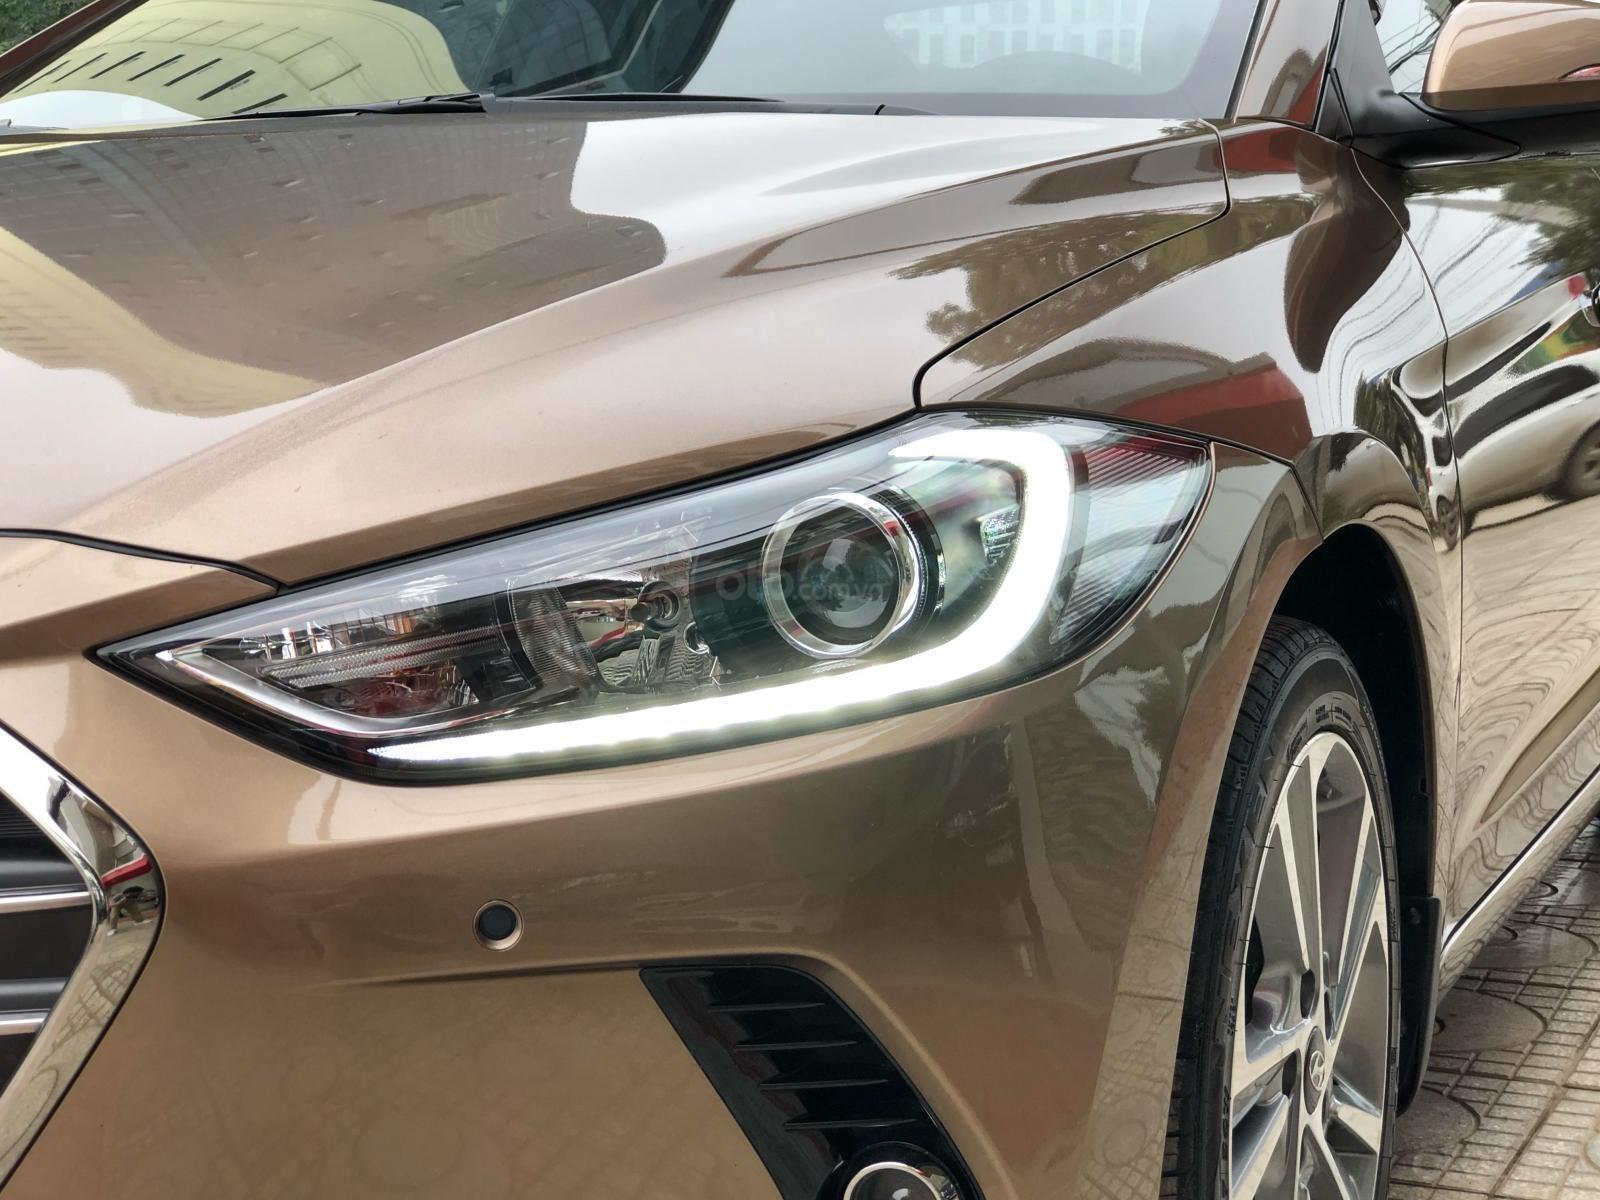 Cần bán gấp Hyundai Elantra 2.0 GLS 2018, màu nâu chính chủ (7)